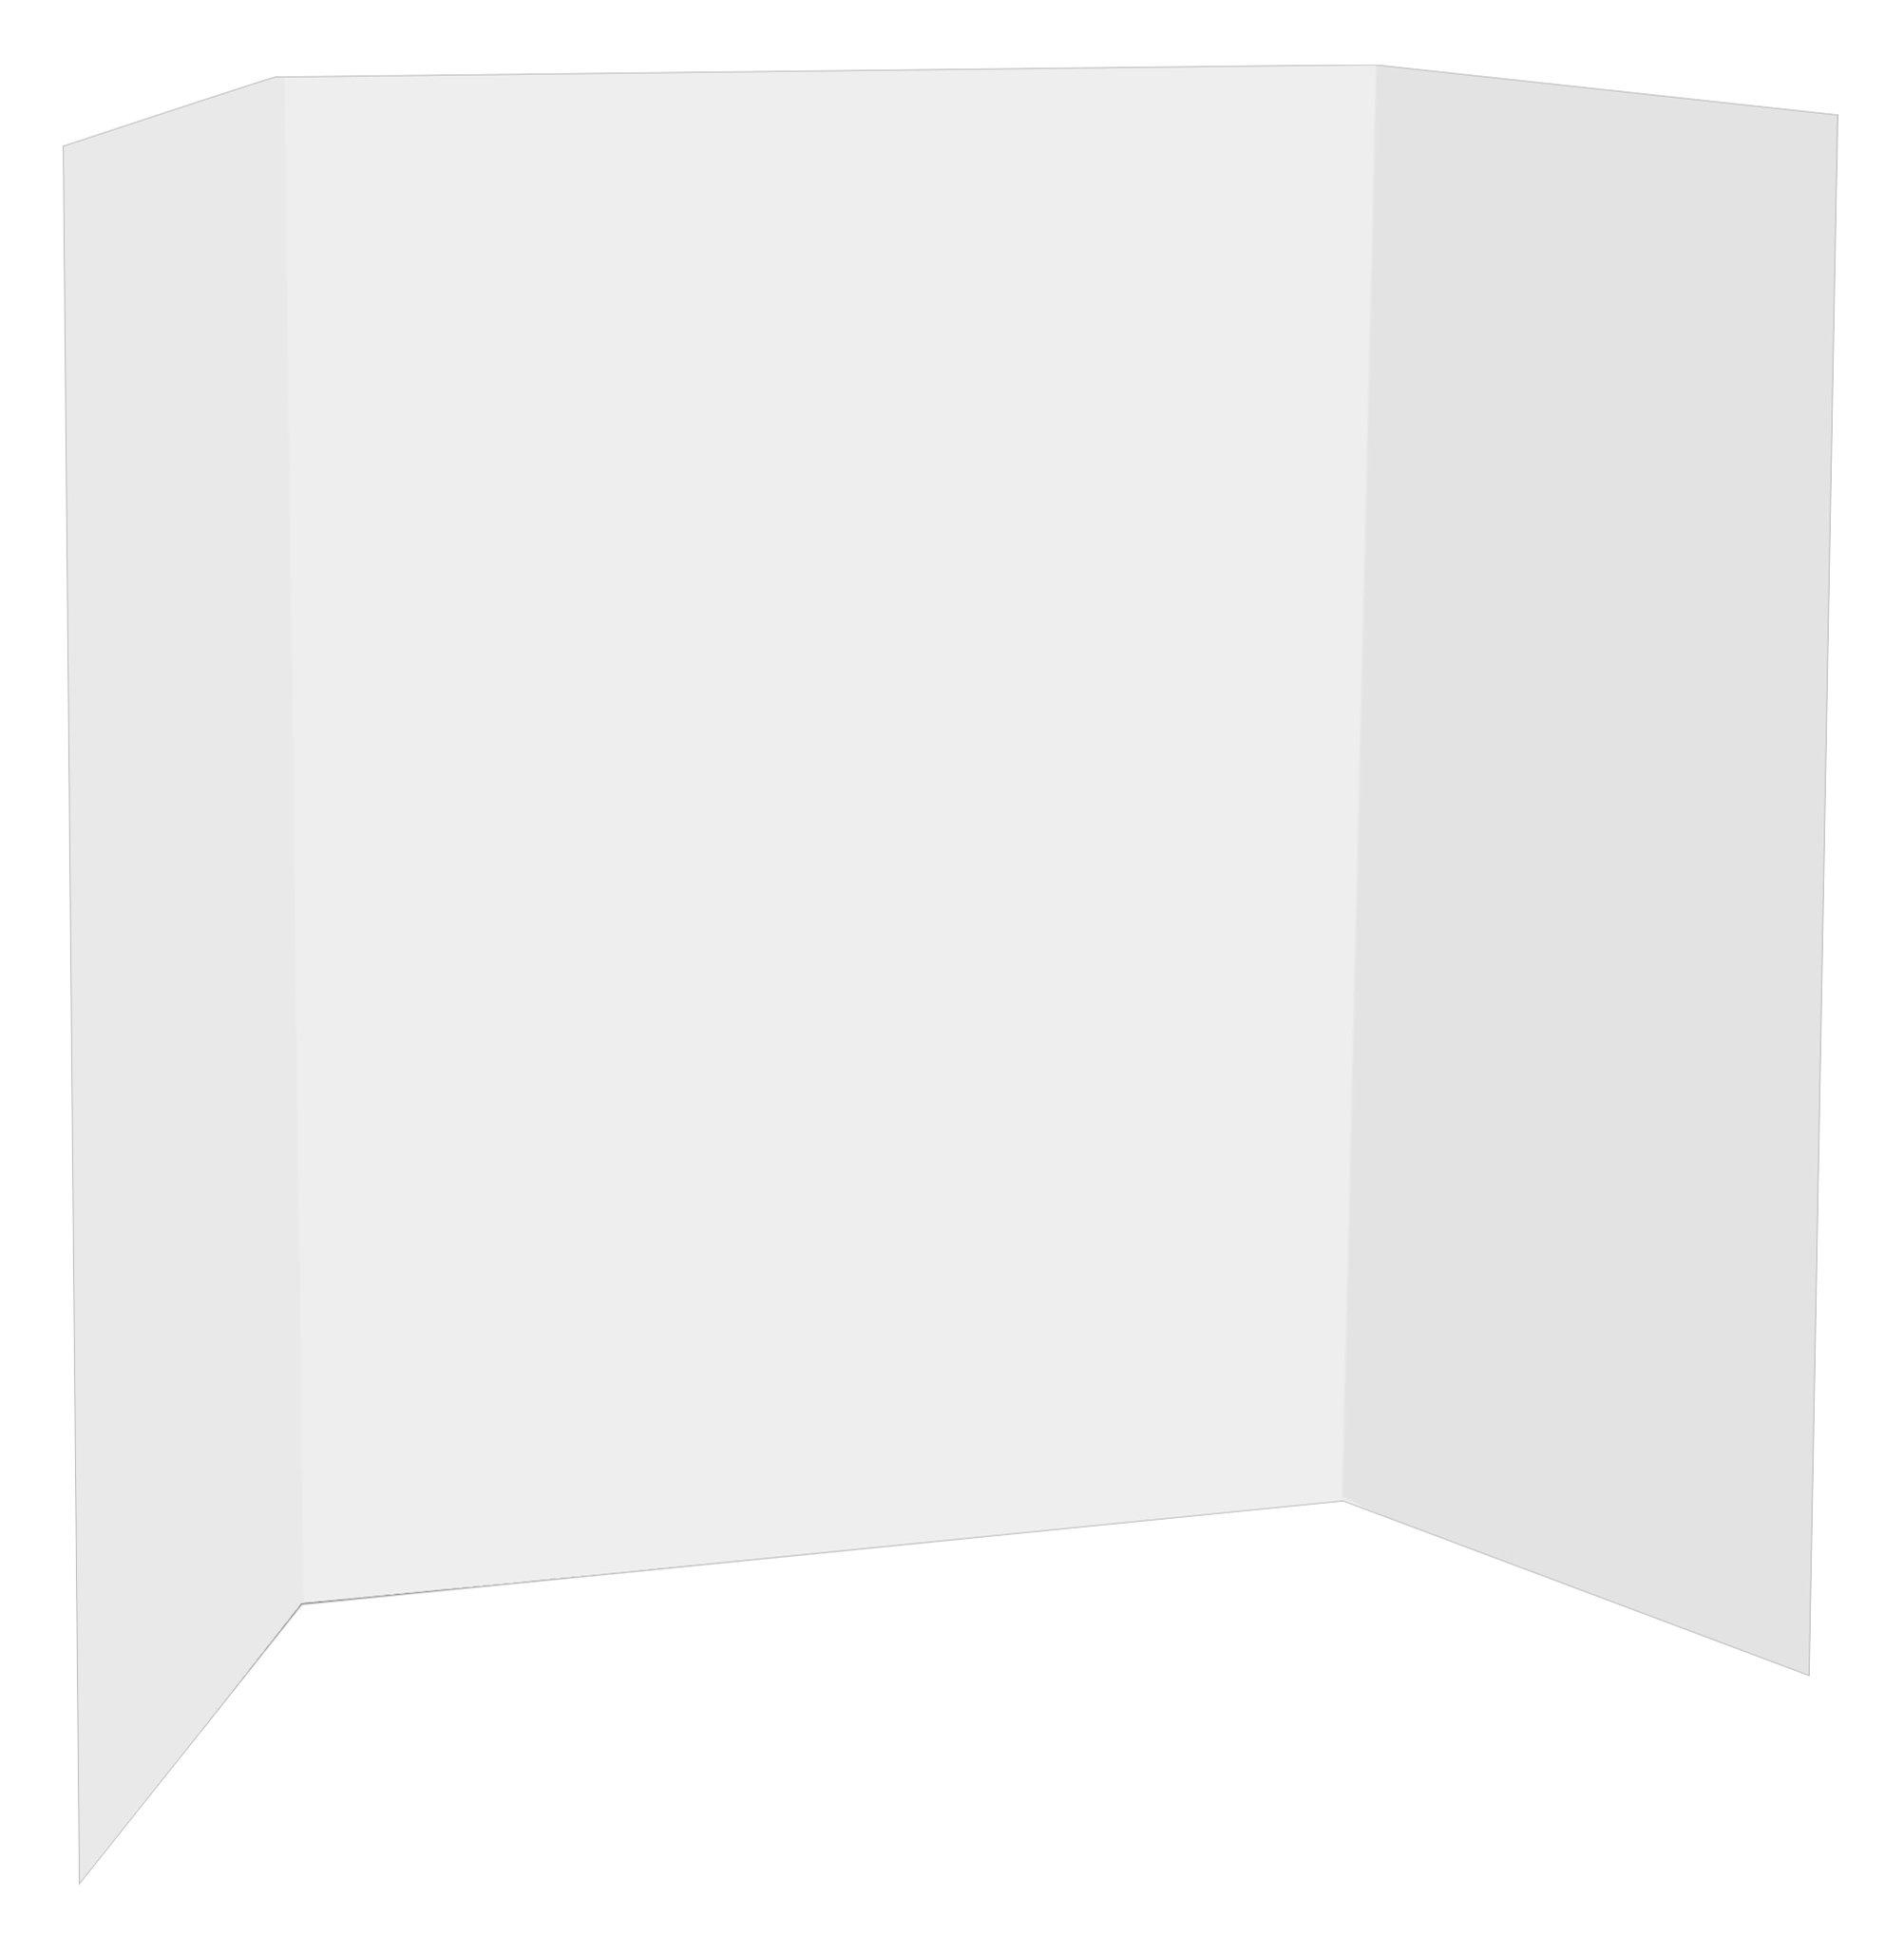 Readi-Board Display Board, 36 x 48'' White/White 18 Count (8001)